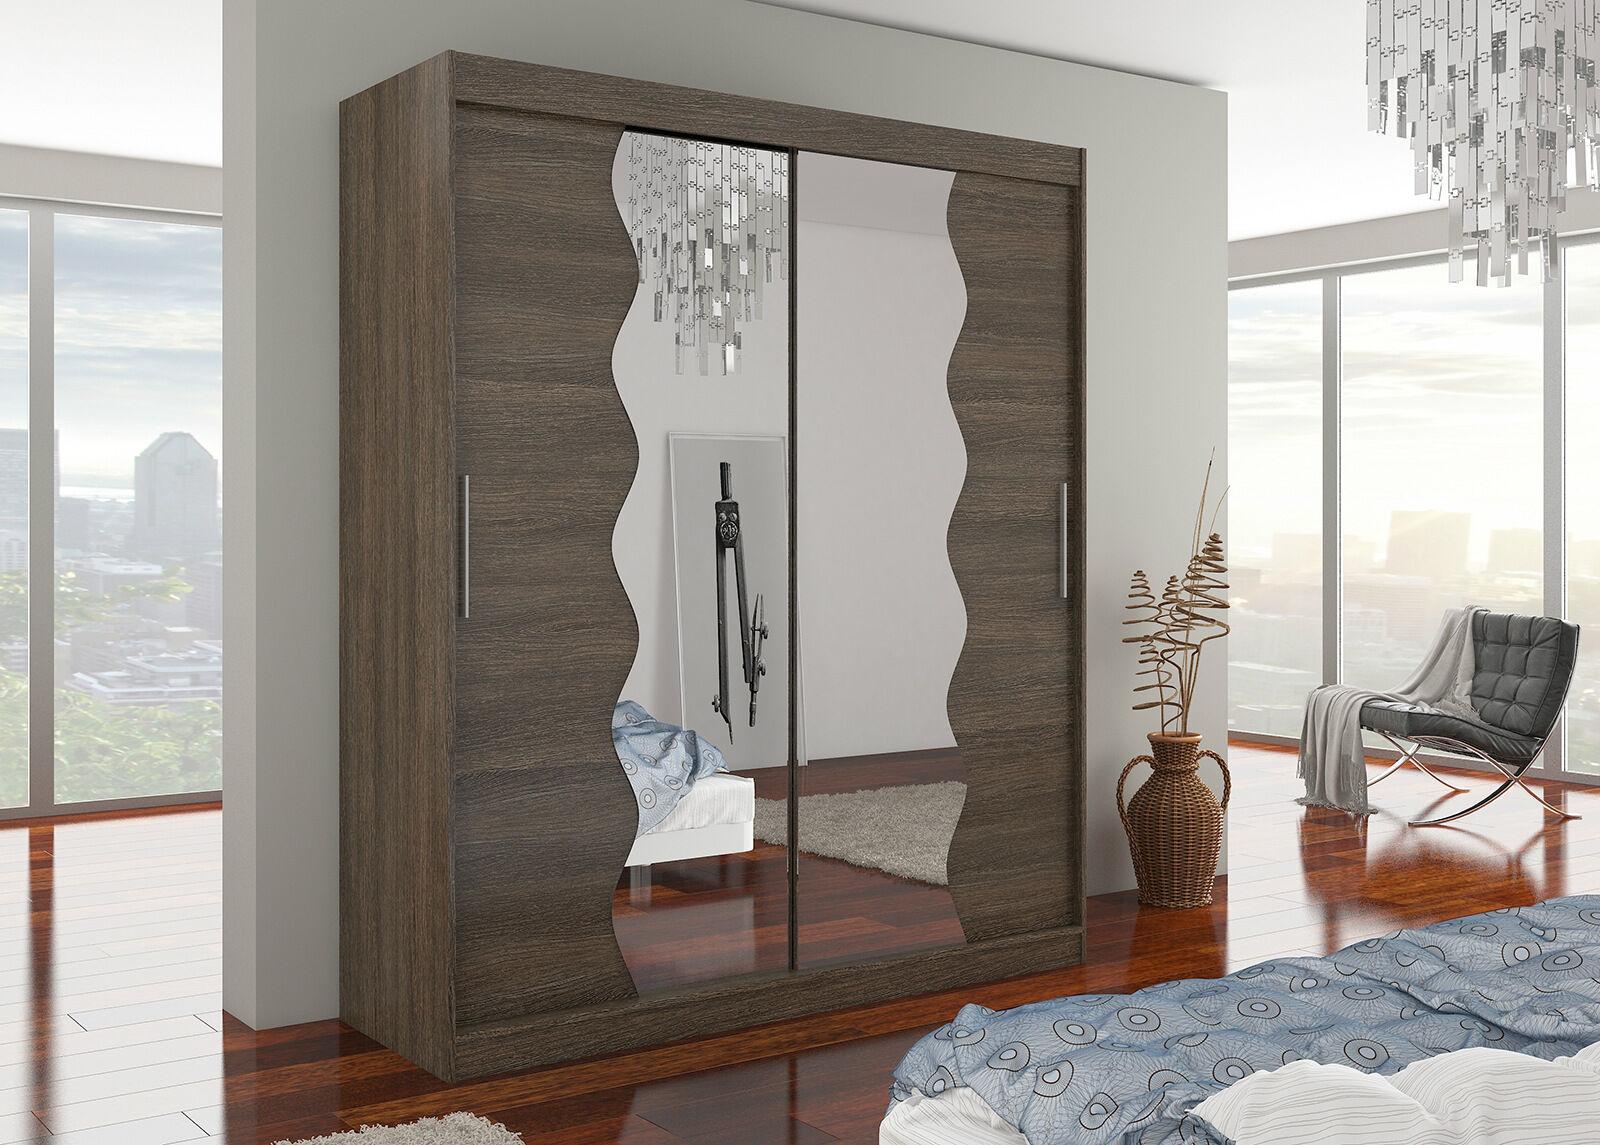 ADRK riidekapid Vaatekaappi liukuovilla 180 cm